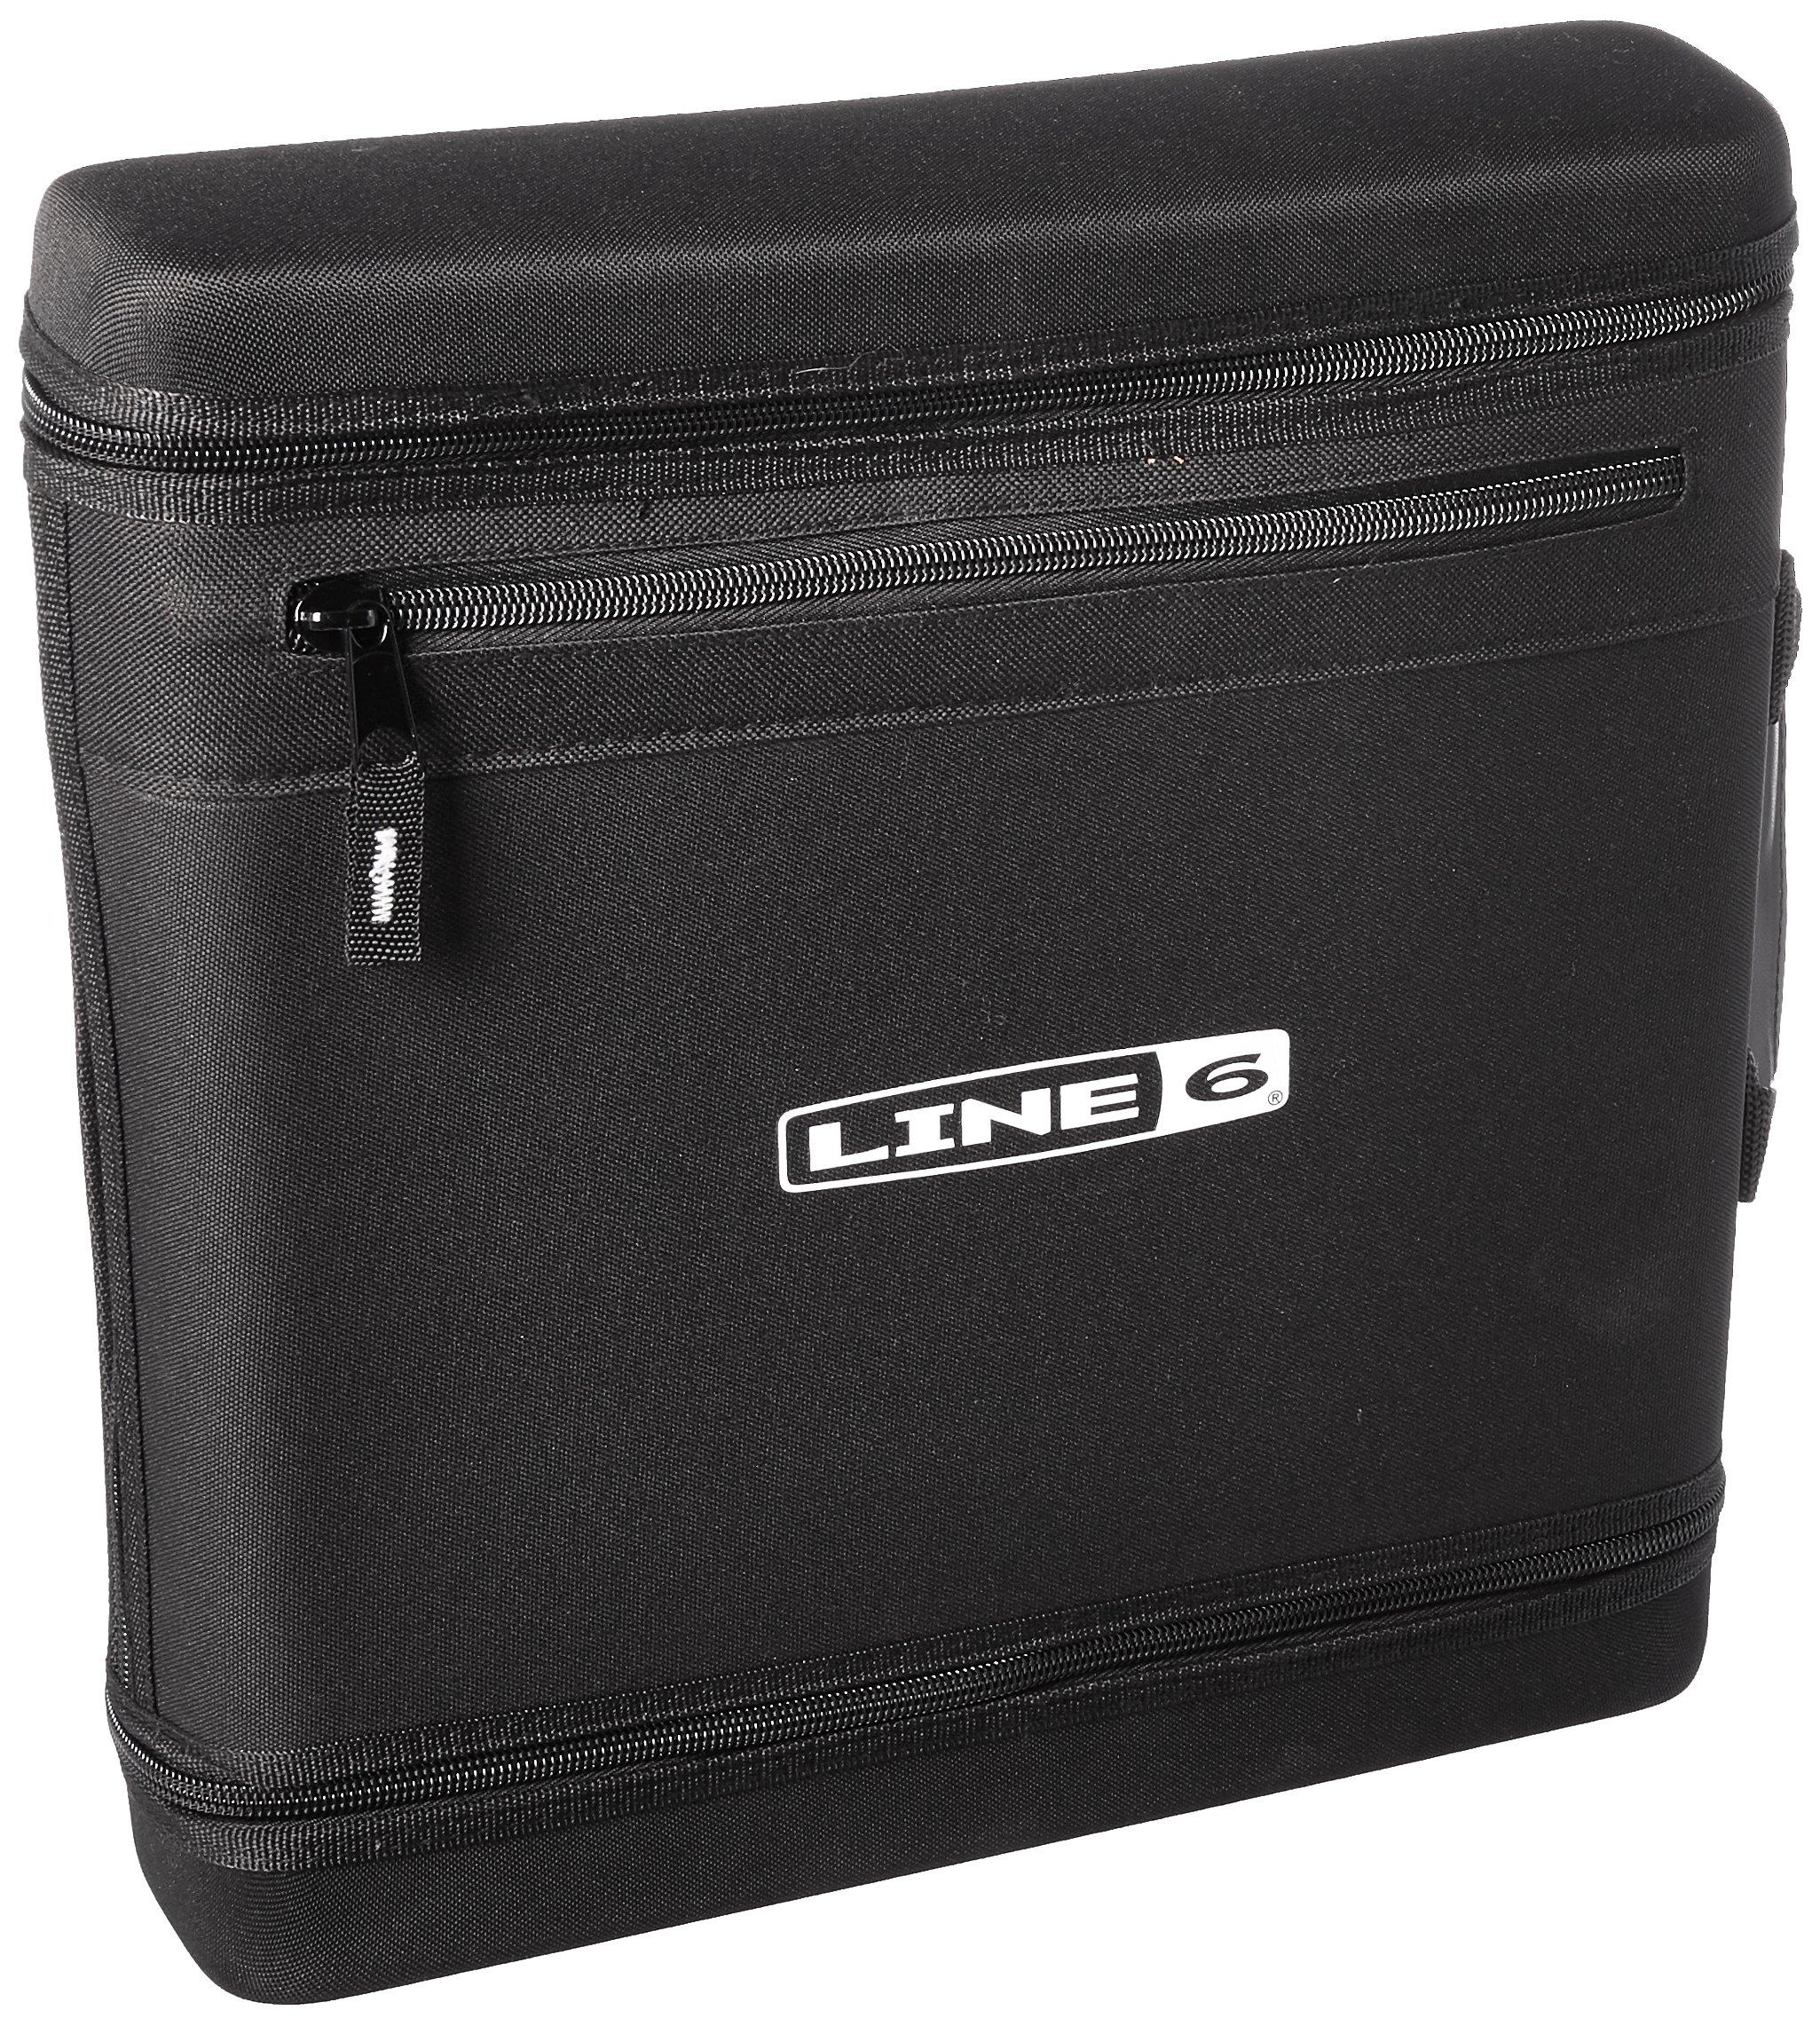 V70SC Case for complete XD-V70 Handheld system by Line 6